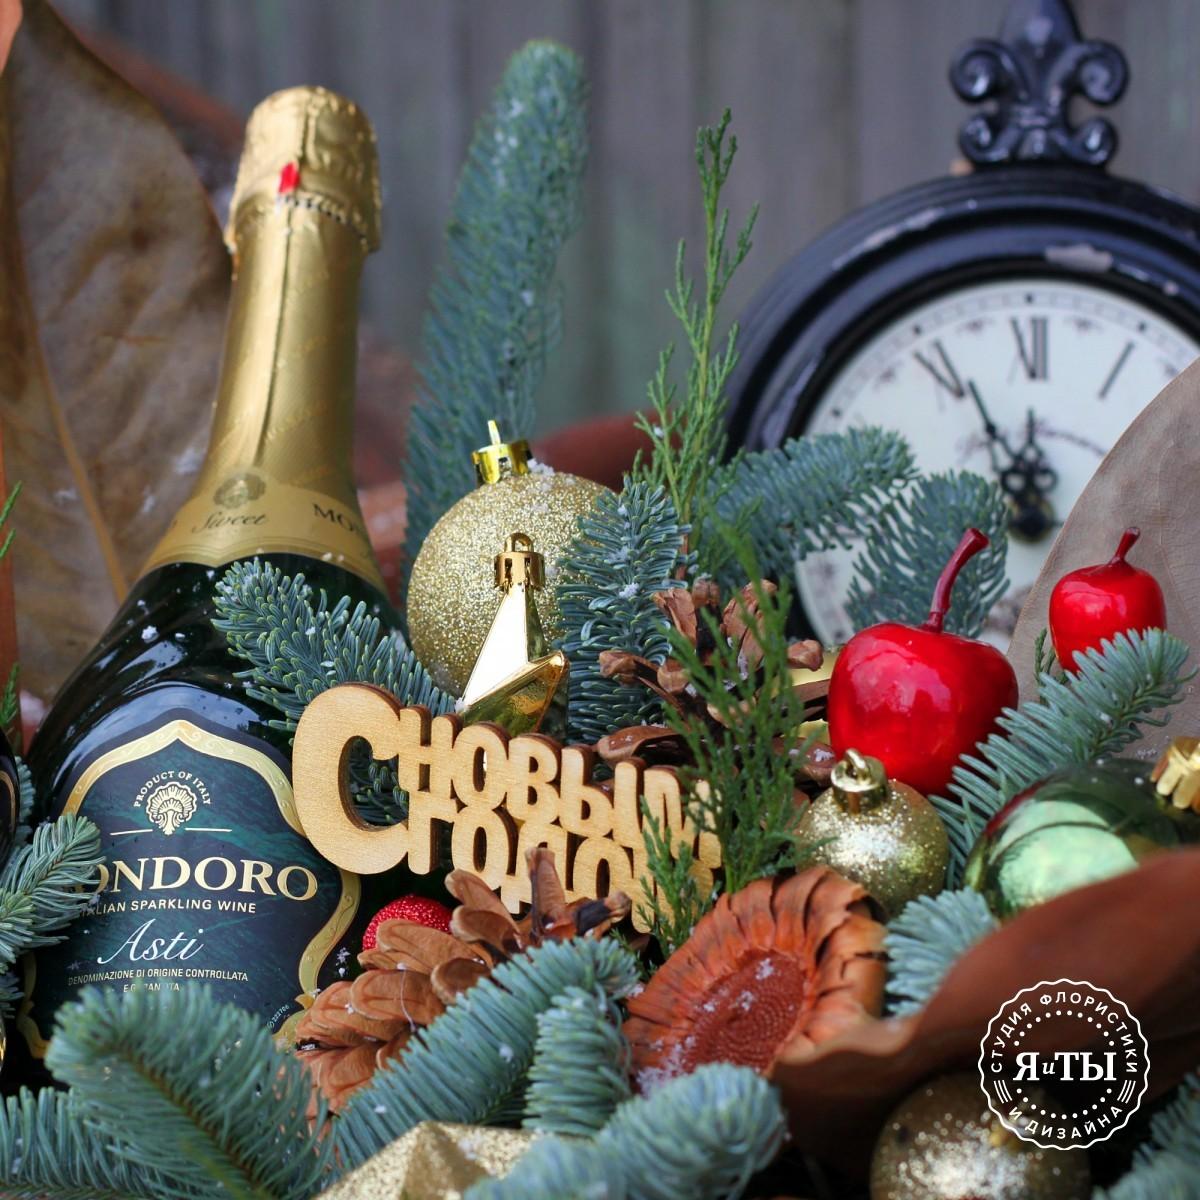 Декоративный ящик с шампанским